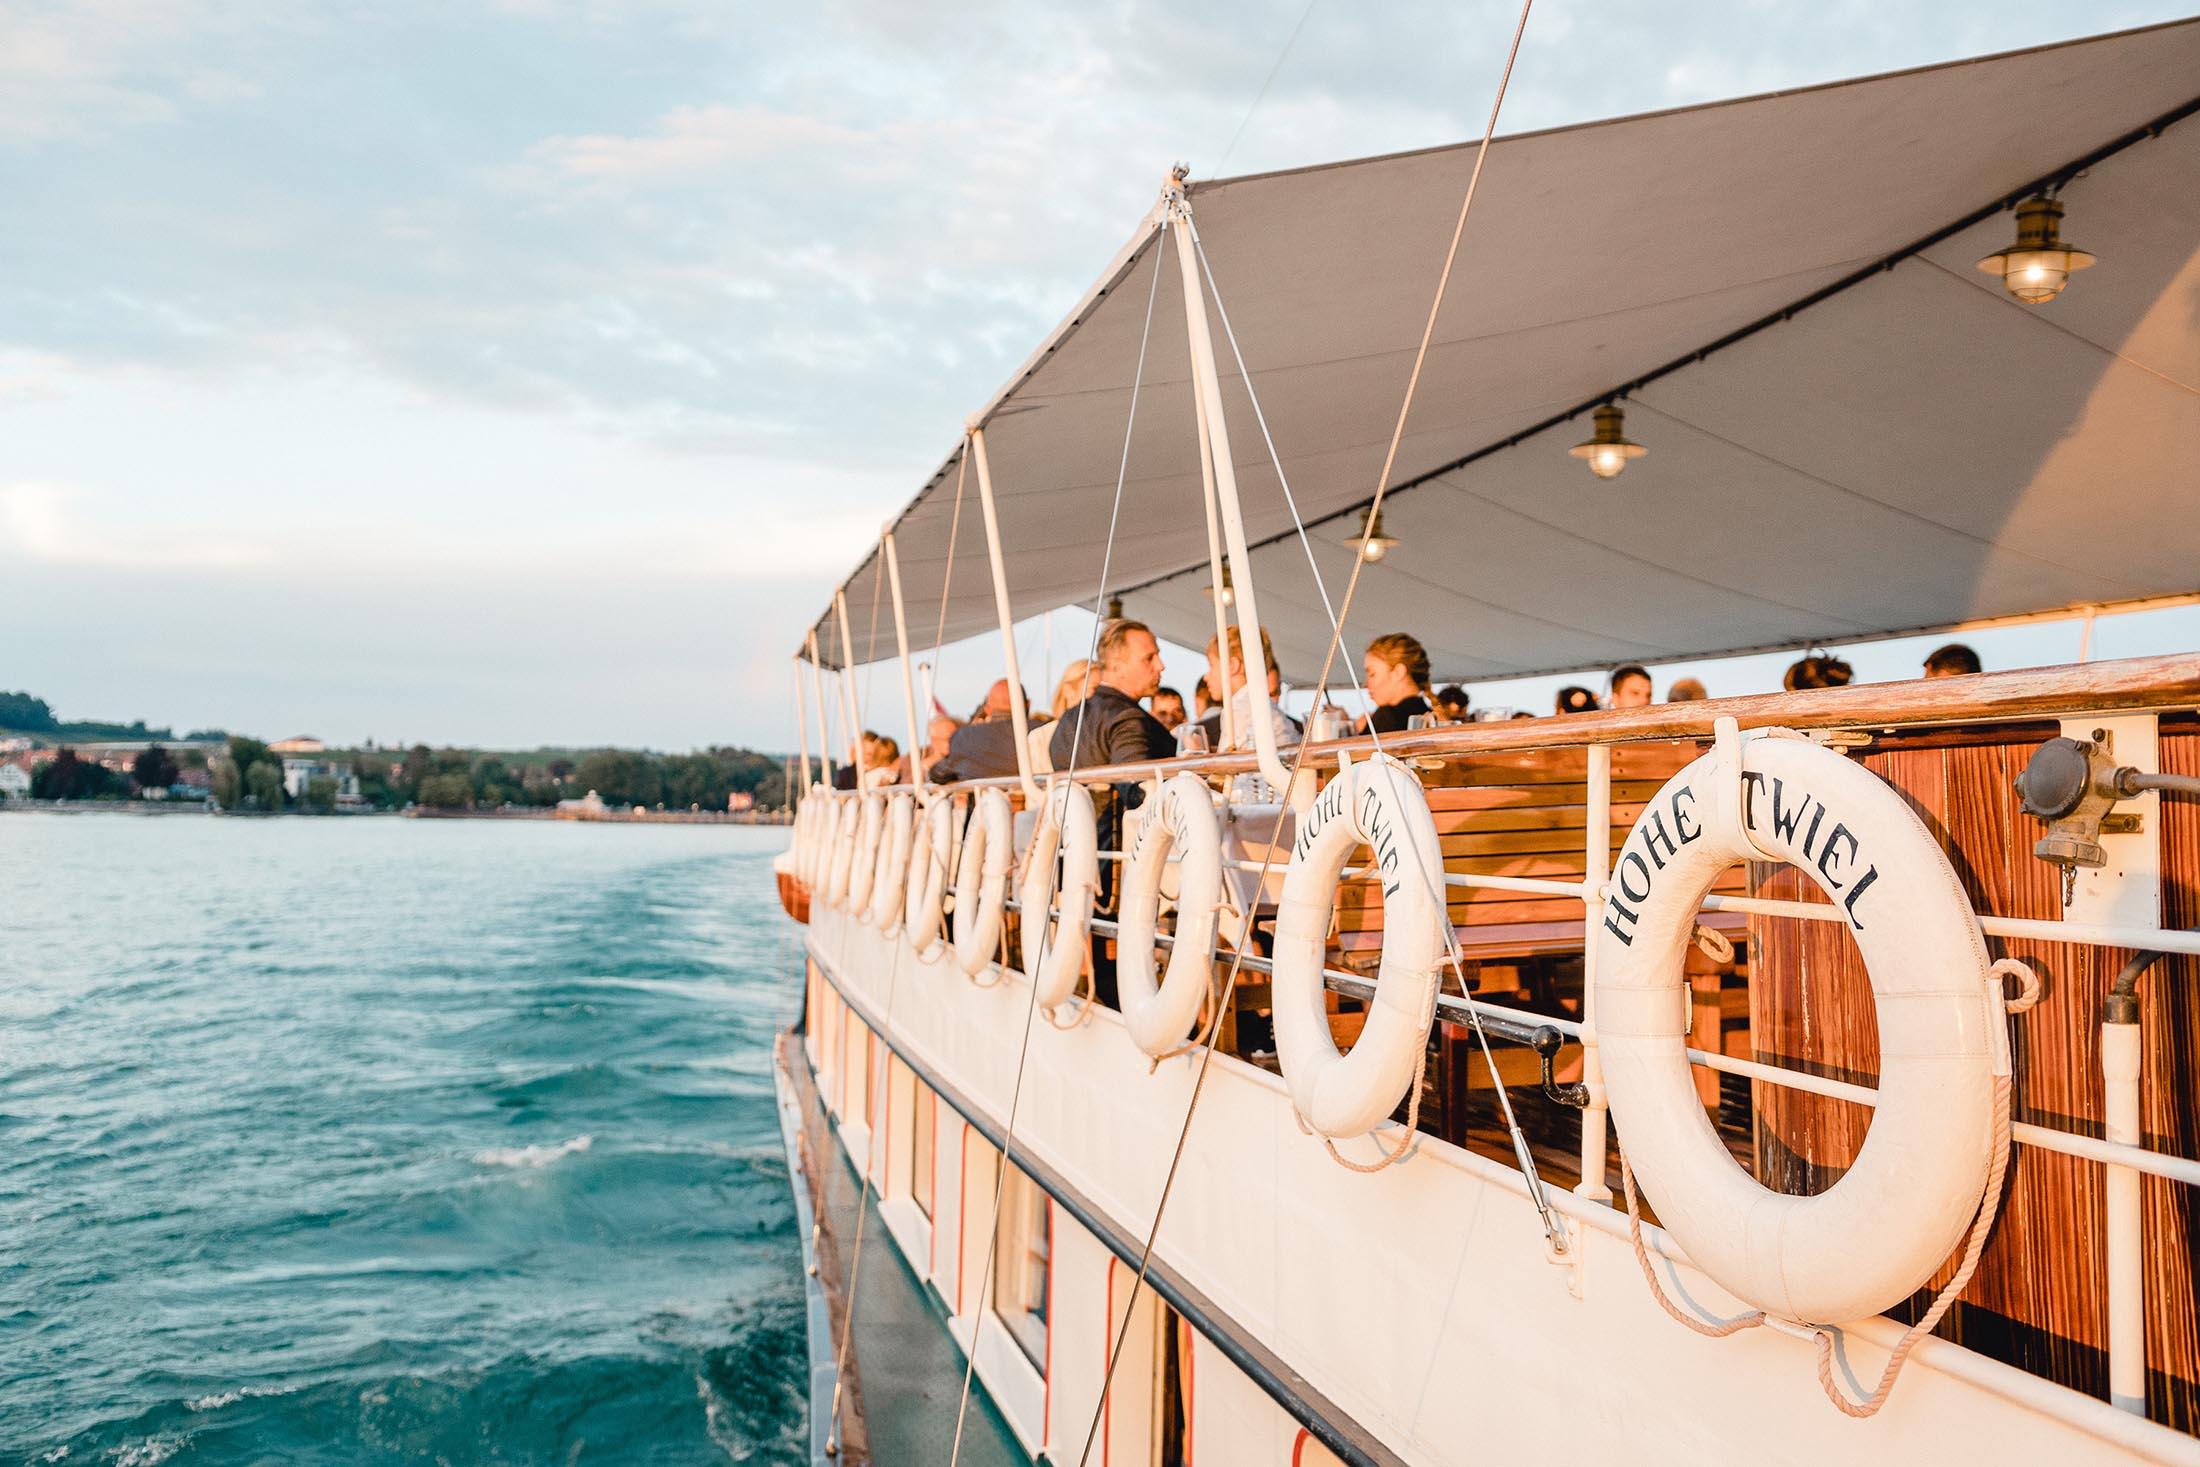 Hochzeit auf dem Schiff | Hohentwiel & Oesterreich